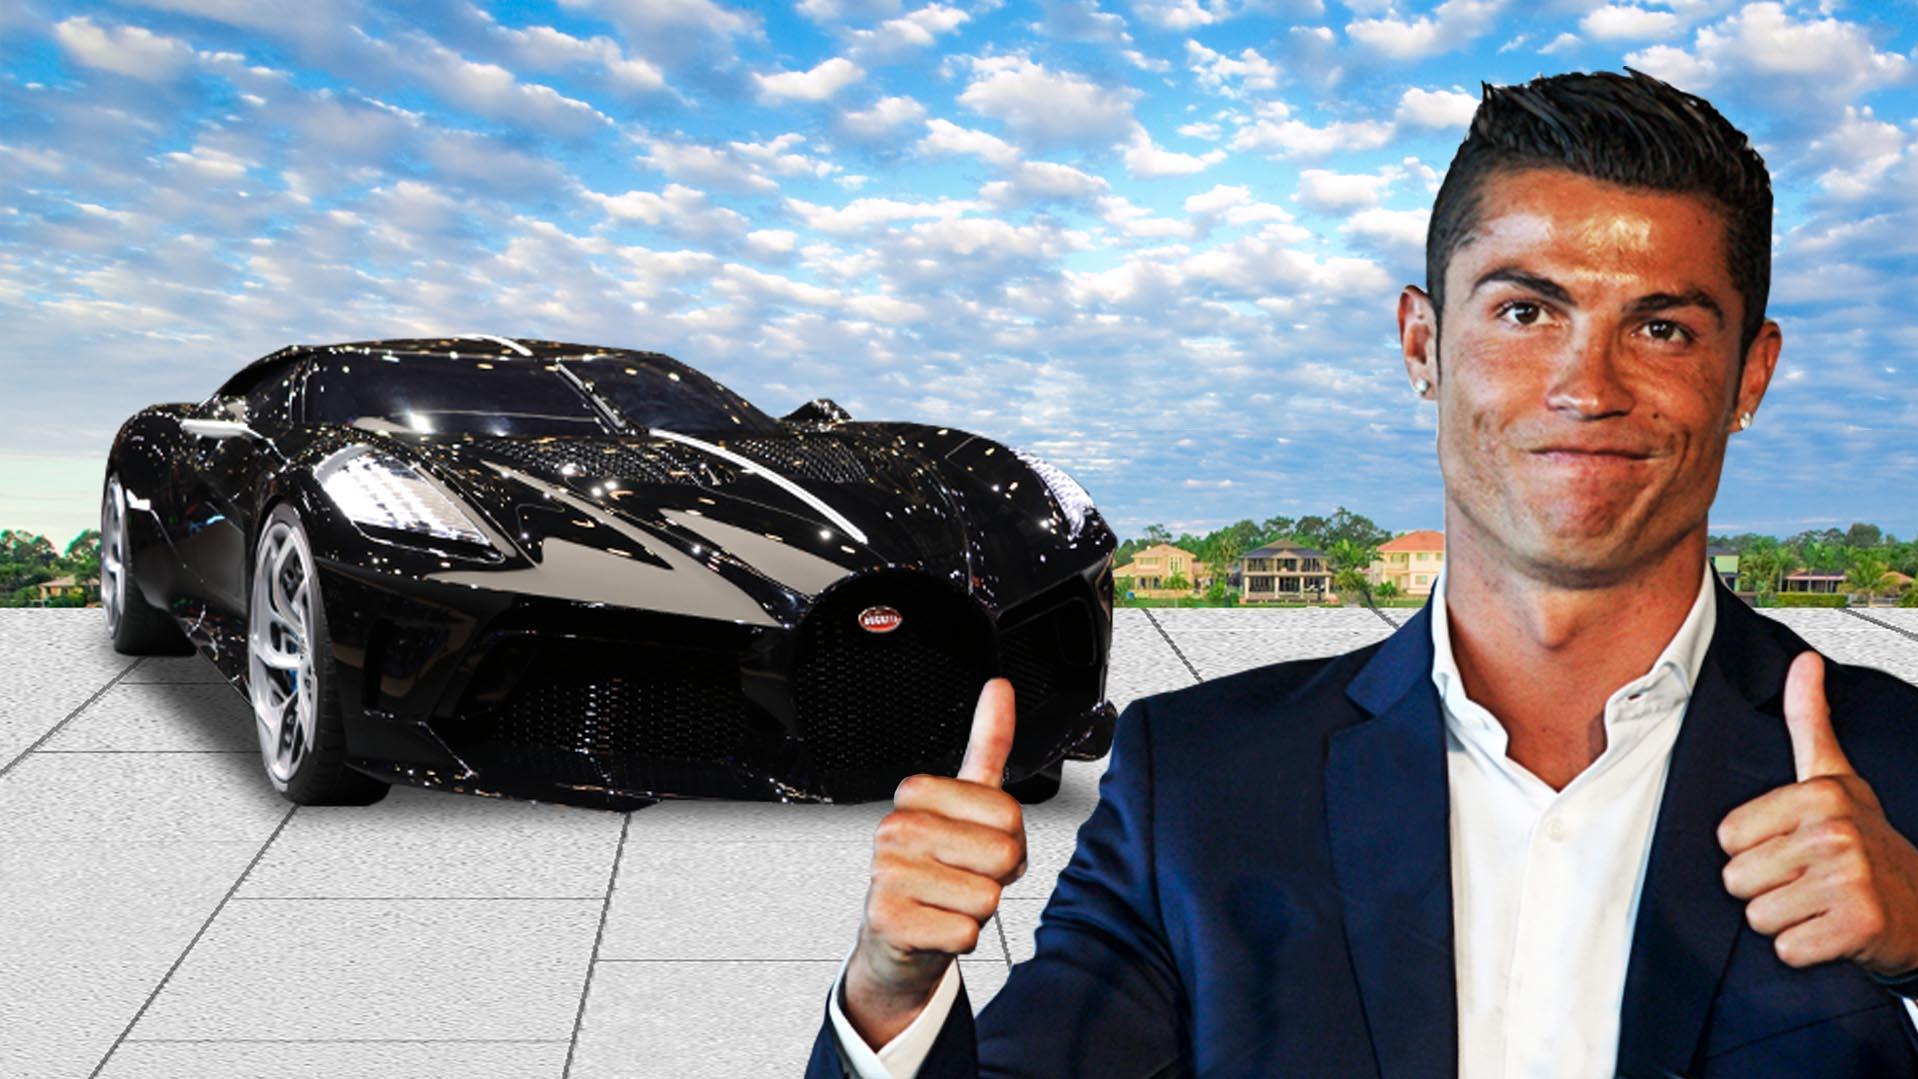 Cristiano ronaldo fährt mit dem bugatti la voiture noire